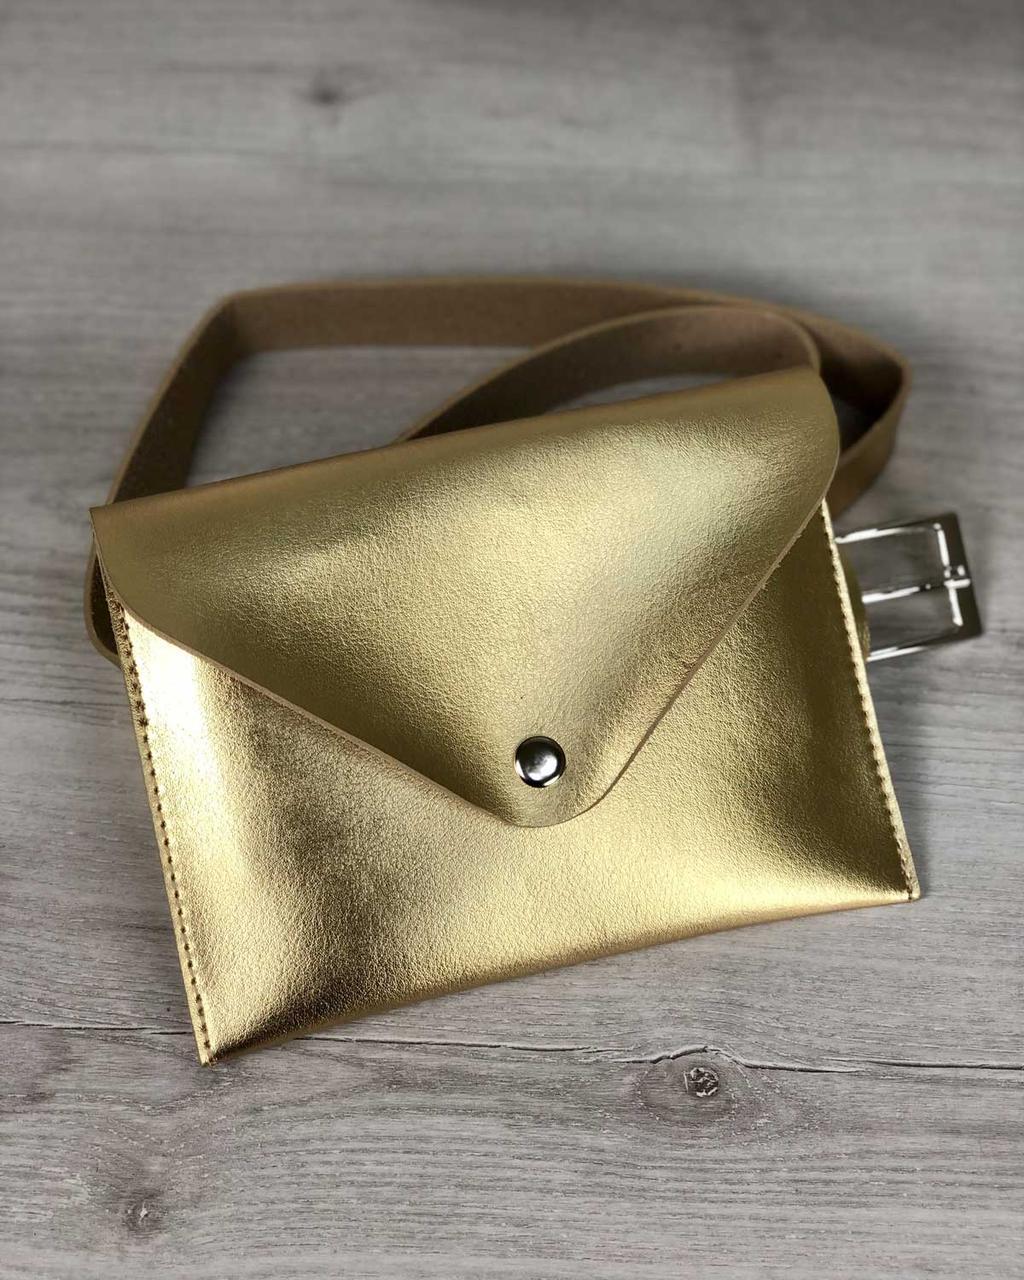 Стильная женская сумка на пояс эко-кожа золотого цвета, поясная сумочка женская на пояс